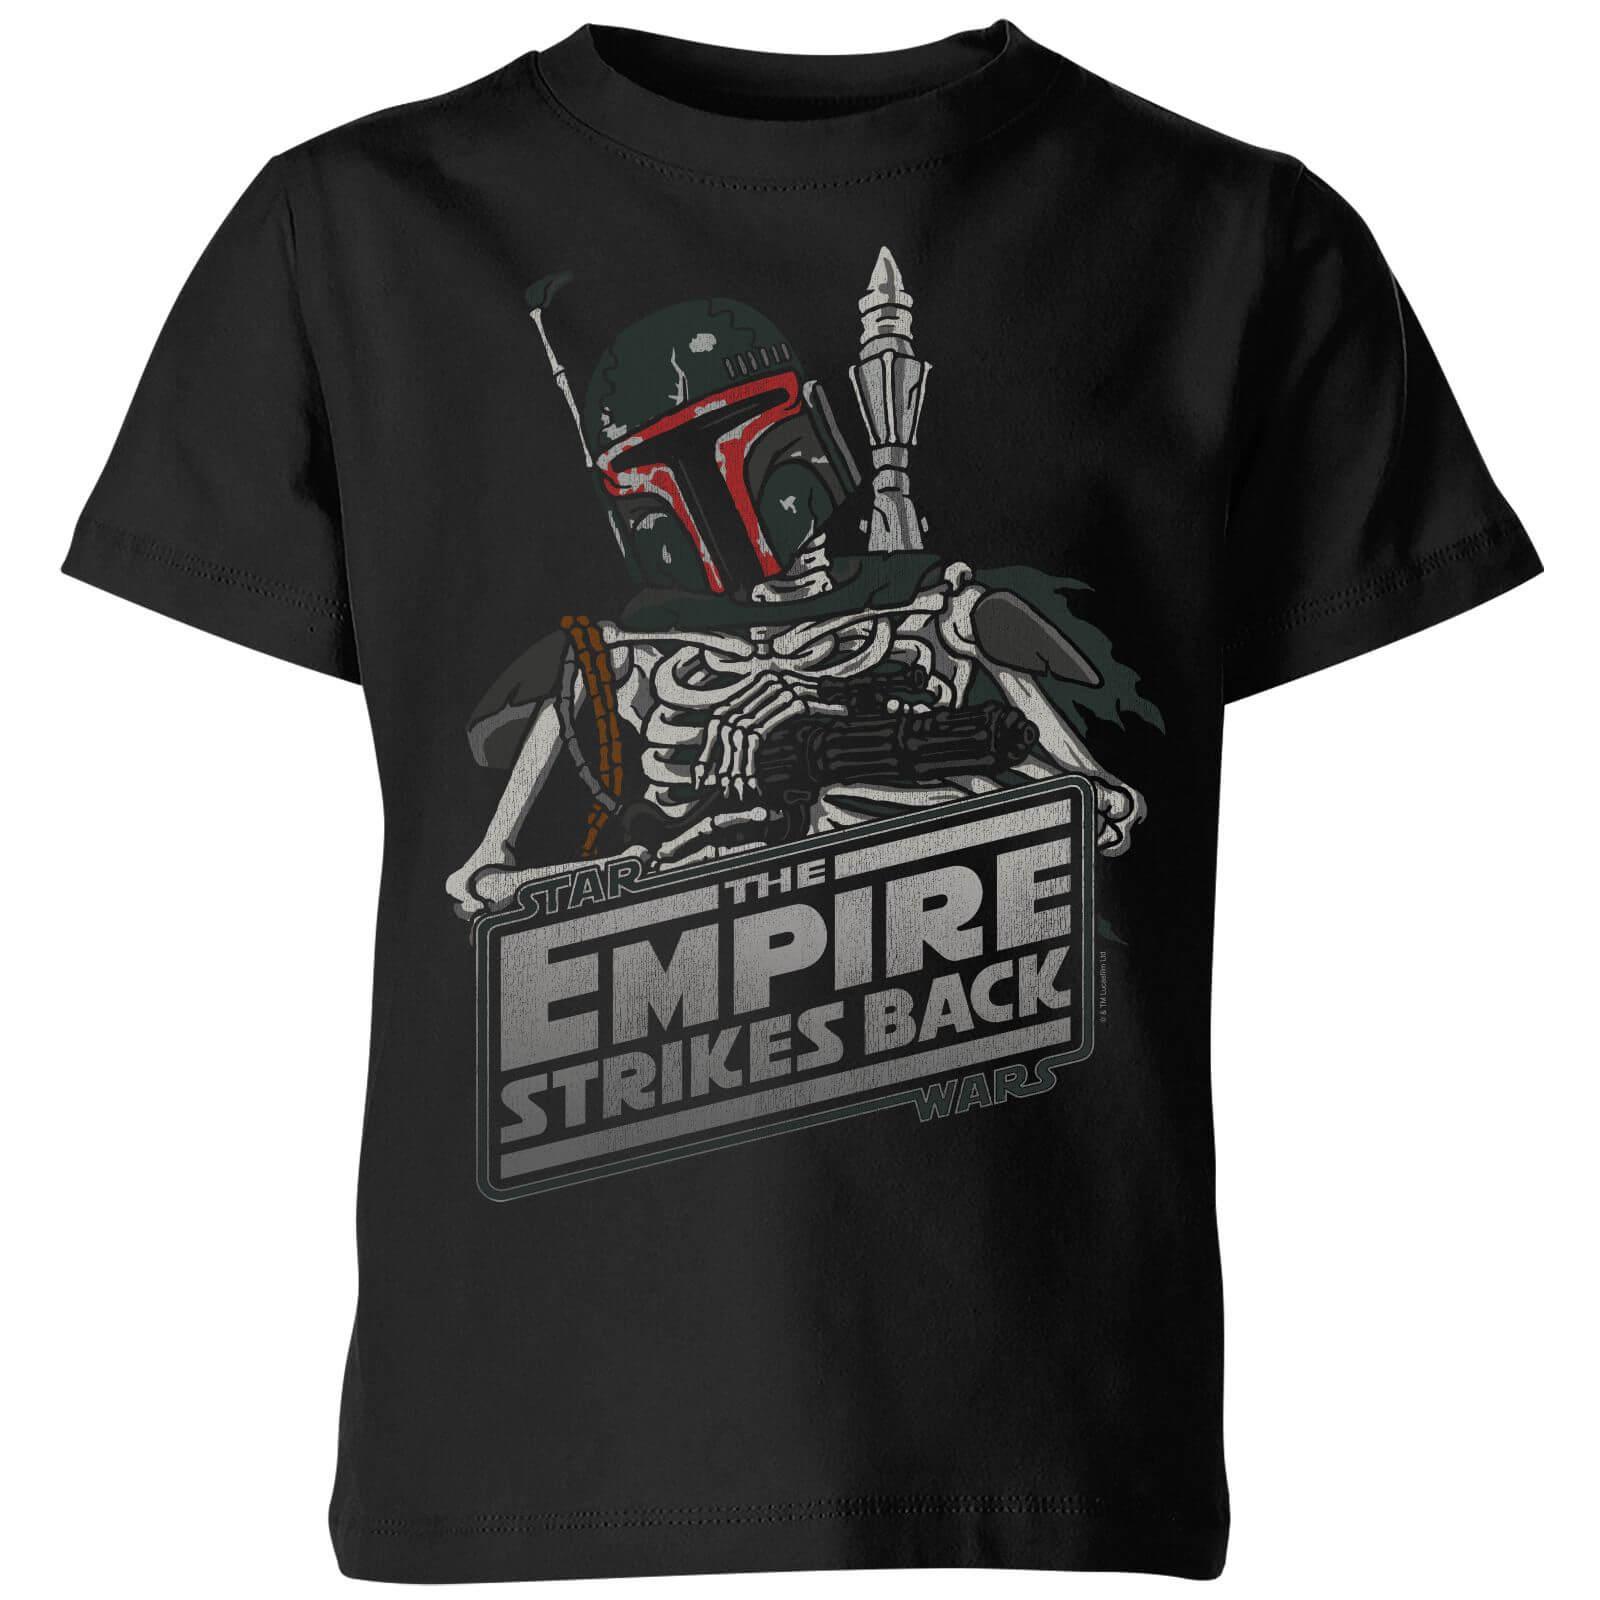 0ed7136e20c Star Wars Boba Fett Skeleton Kids  T-Shirt - Black. Description